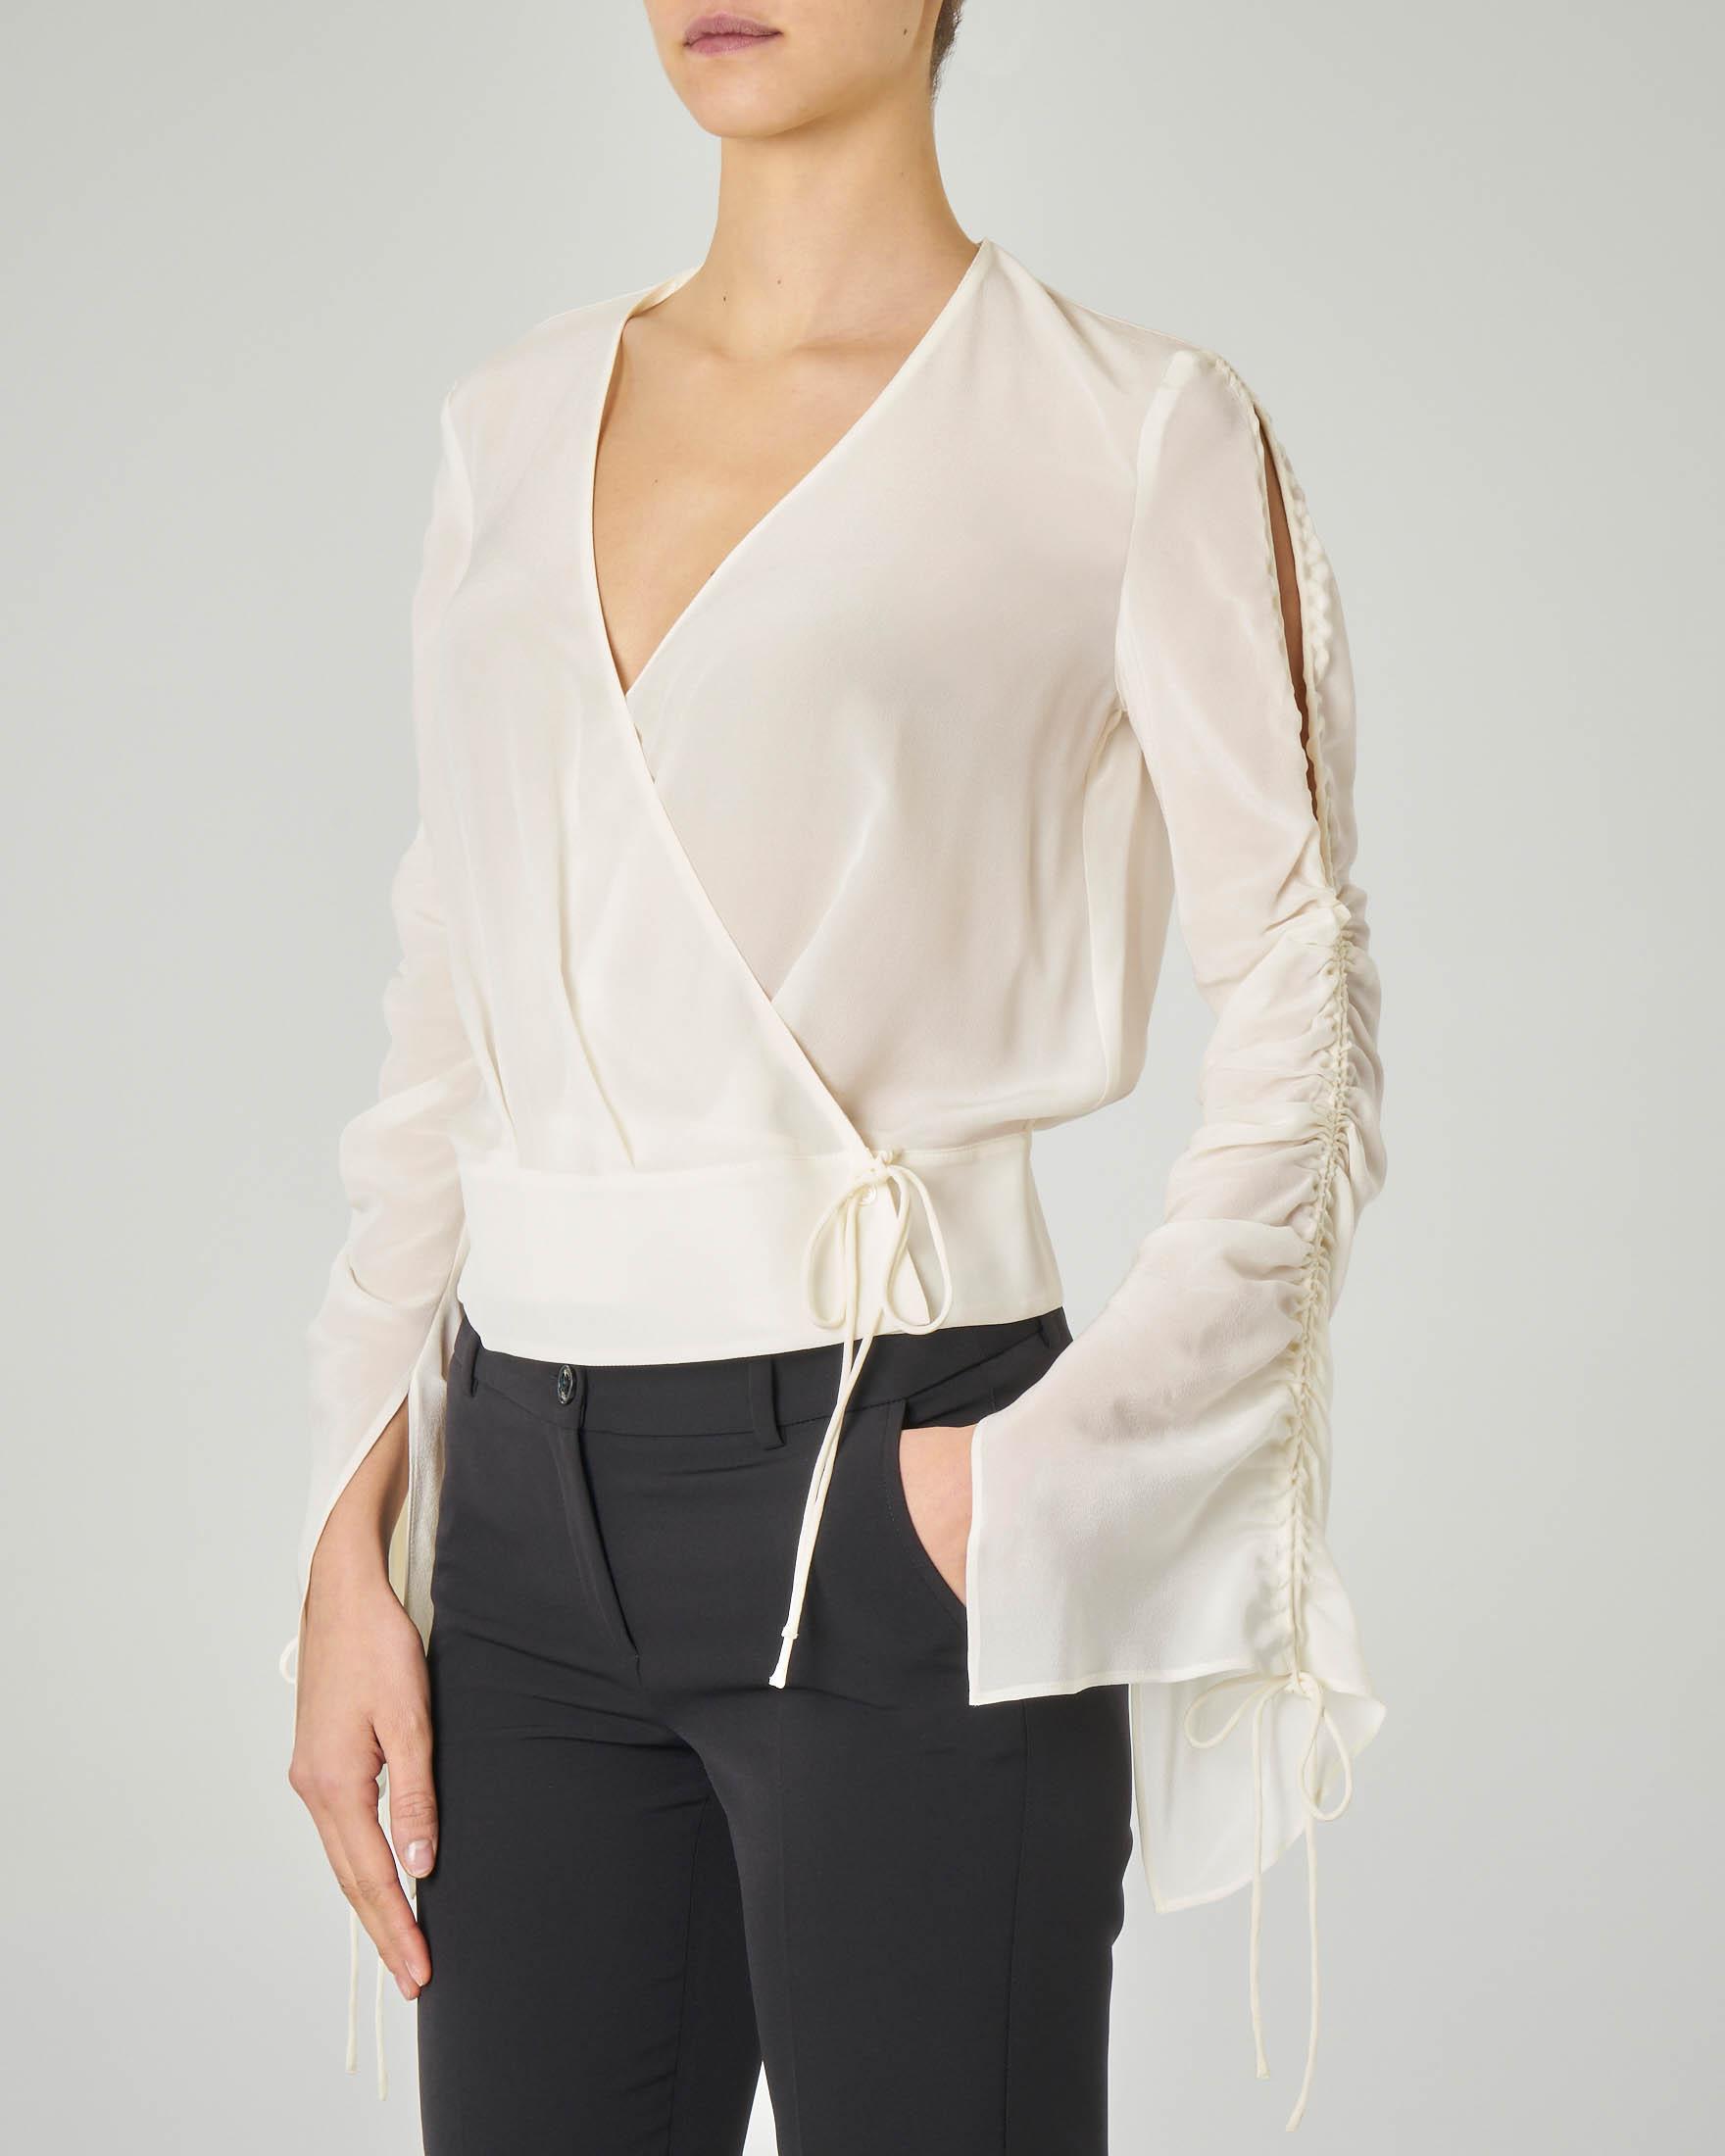 Blusa color avorio in seta con scollo a V e maniche lunghe